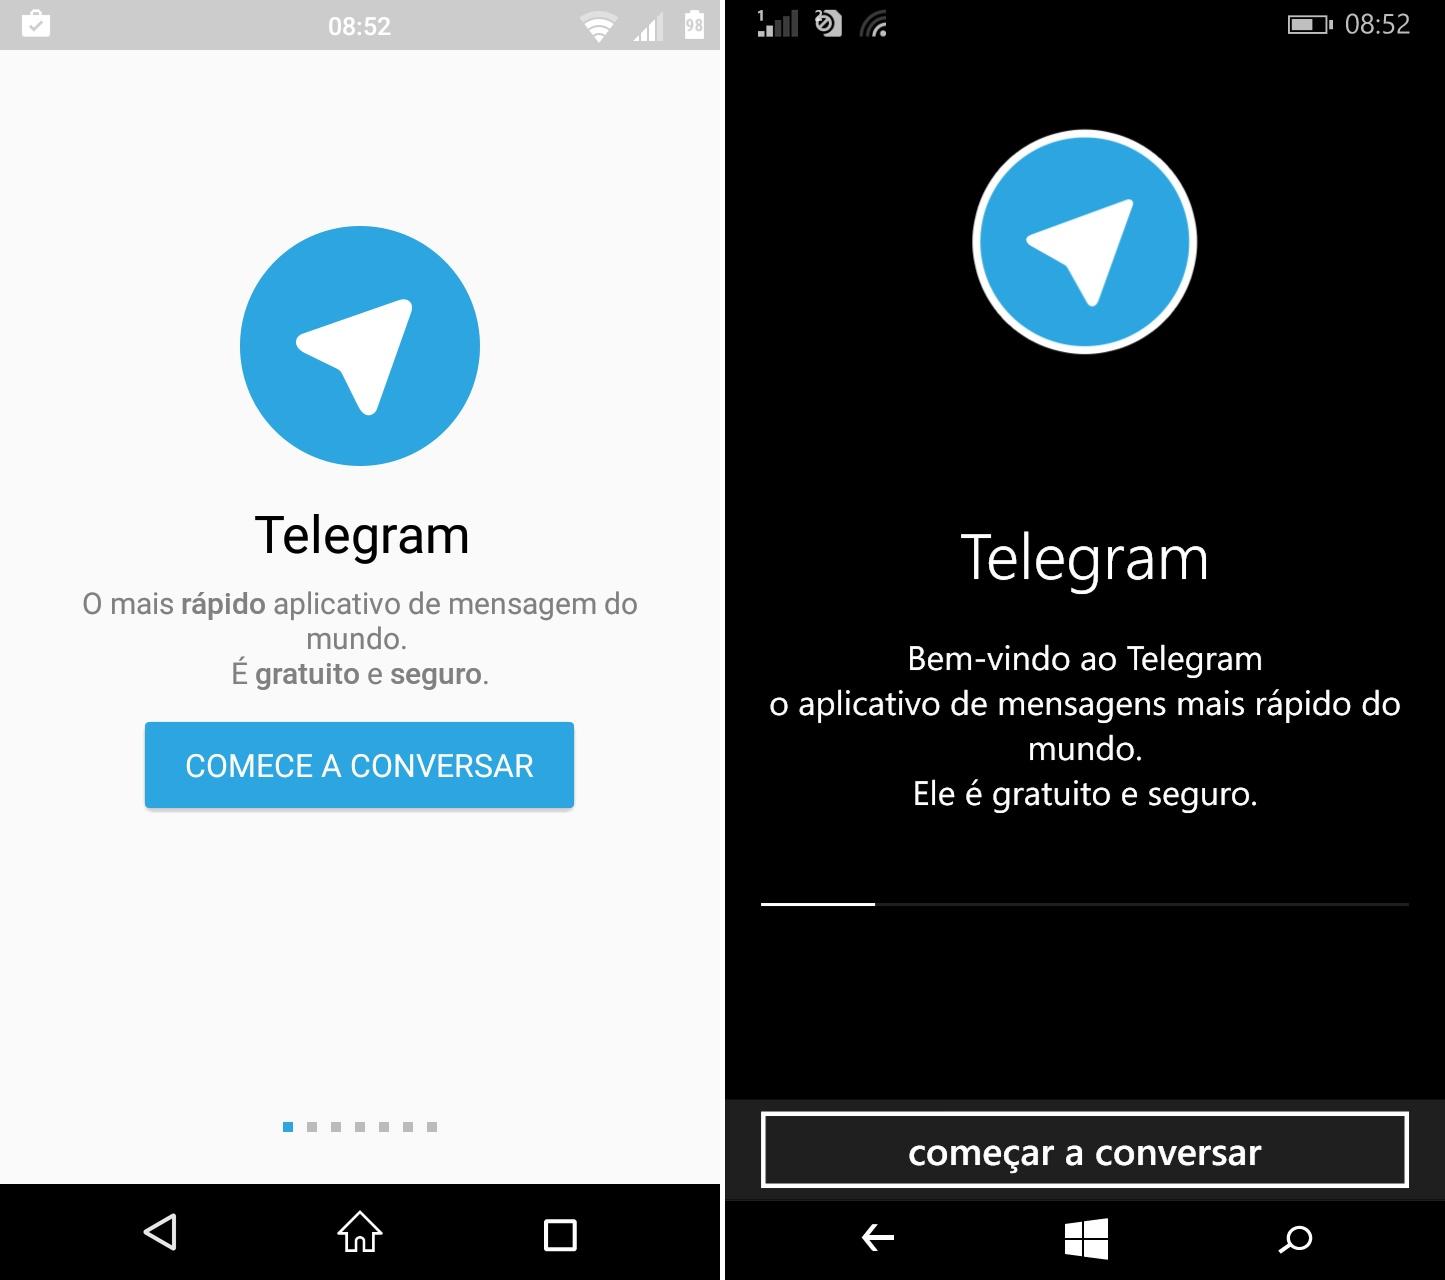 comparativo de apps #11 telegram - 1